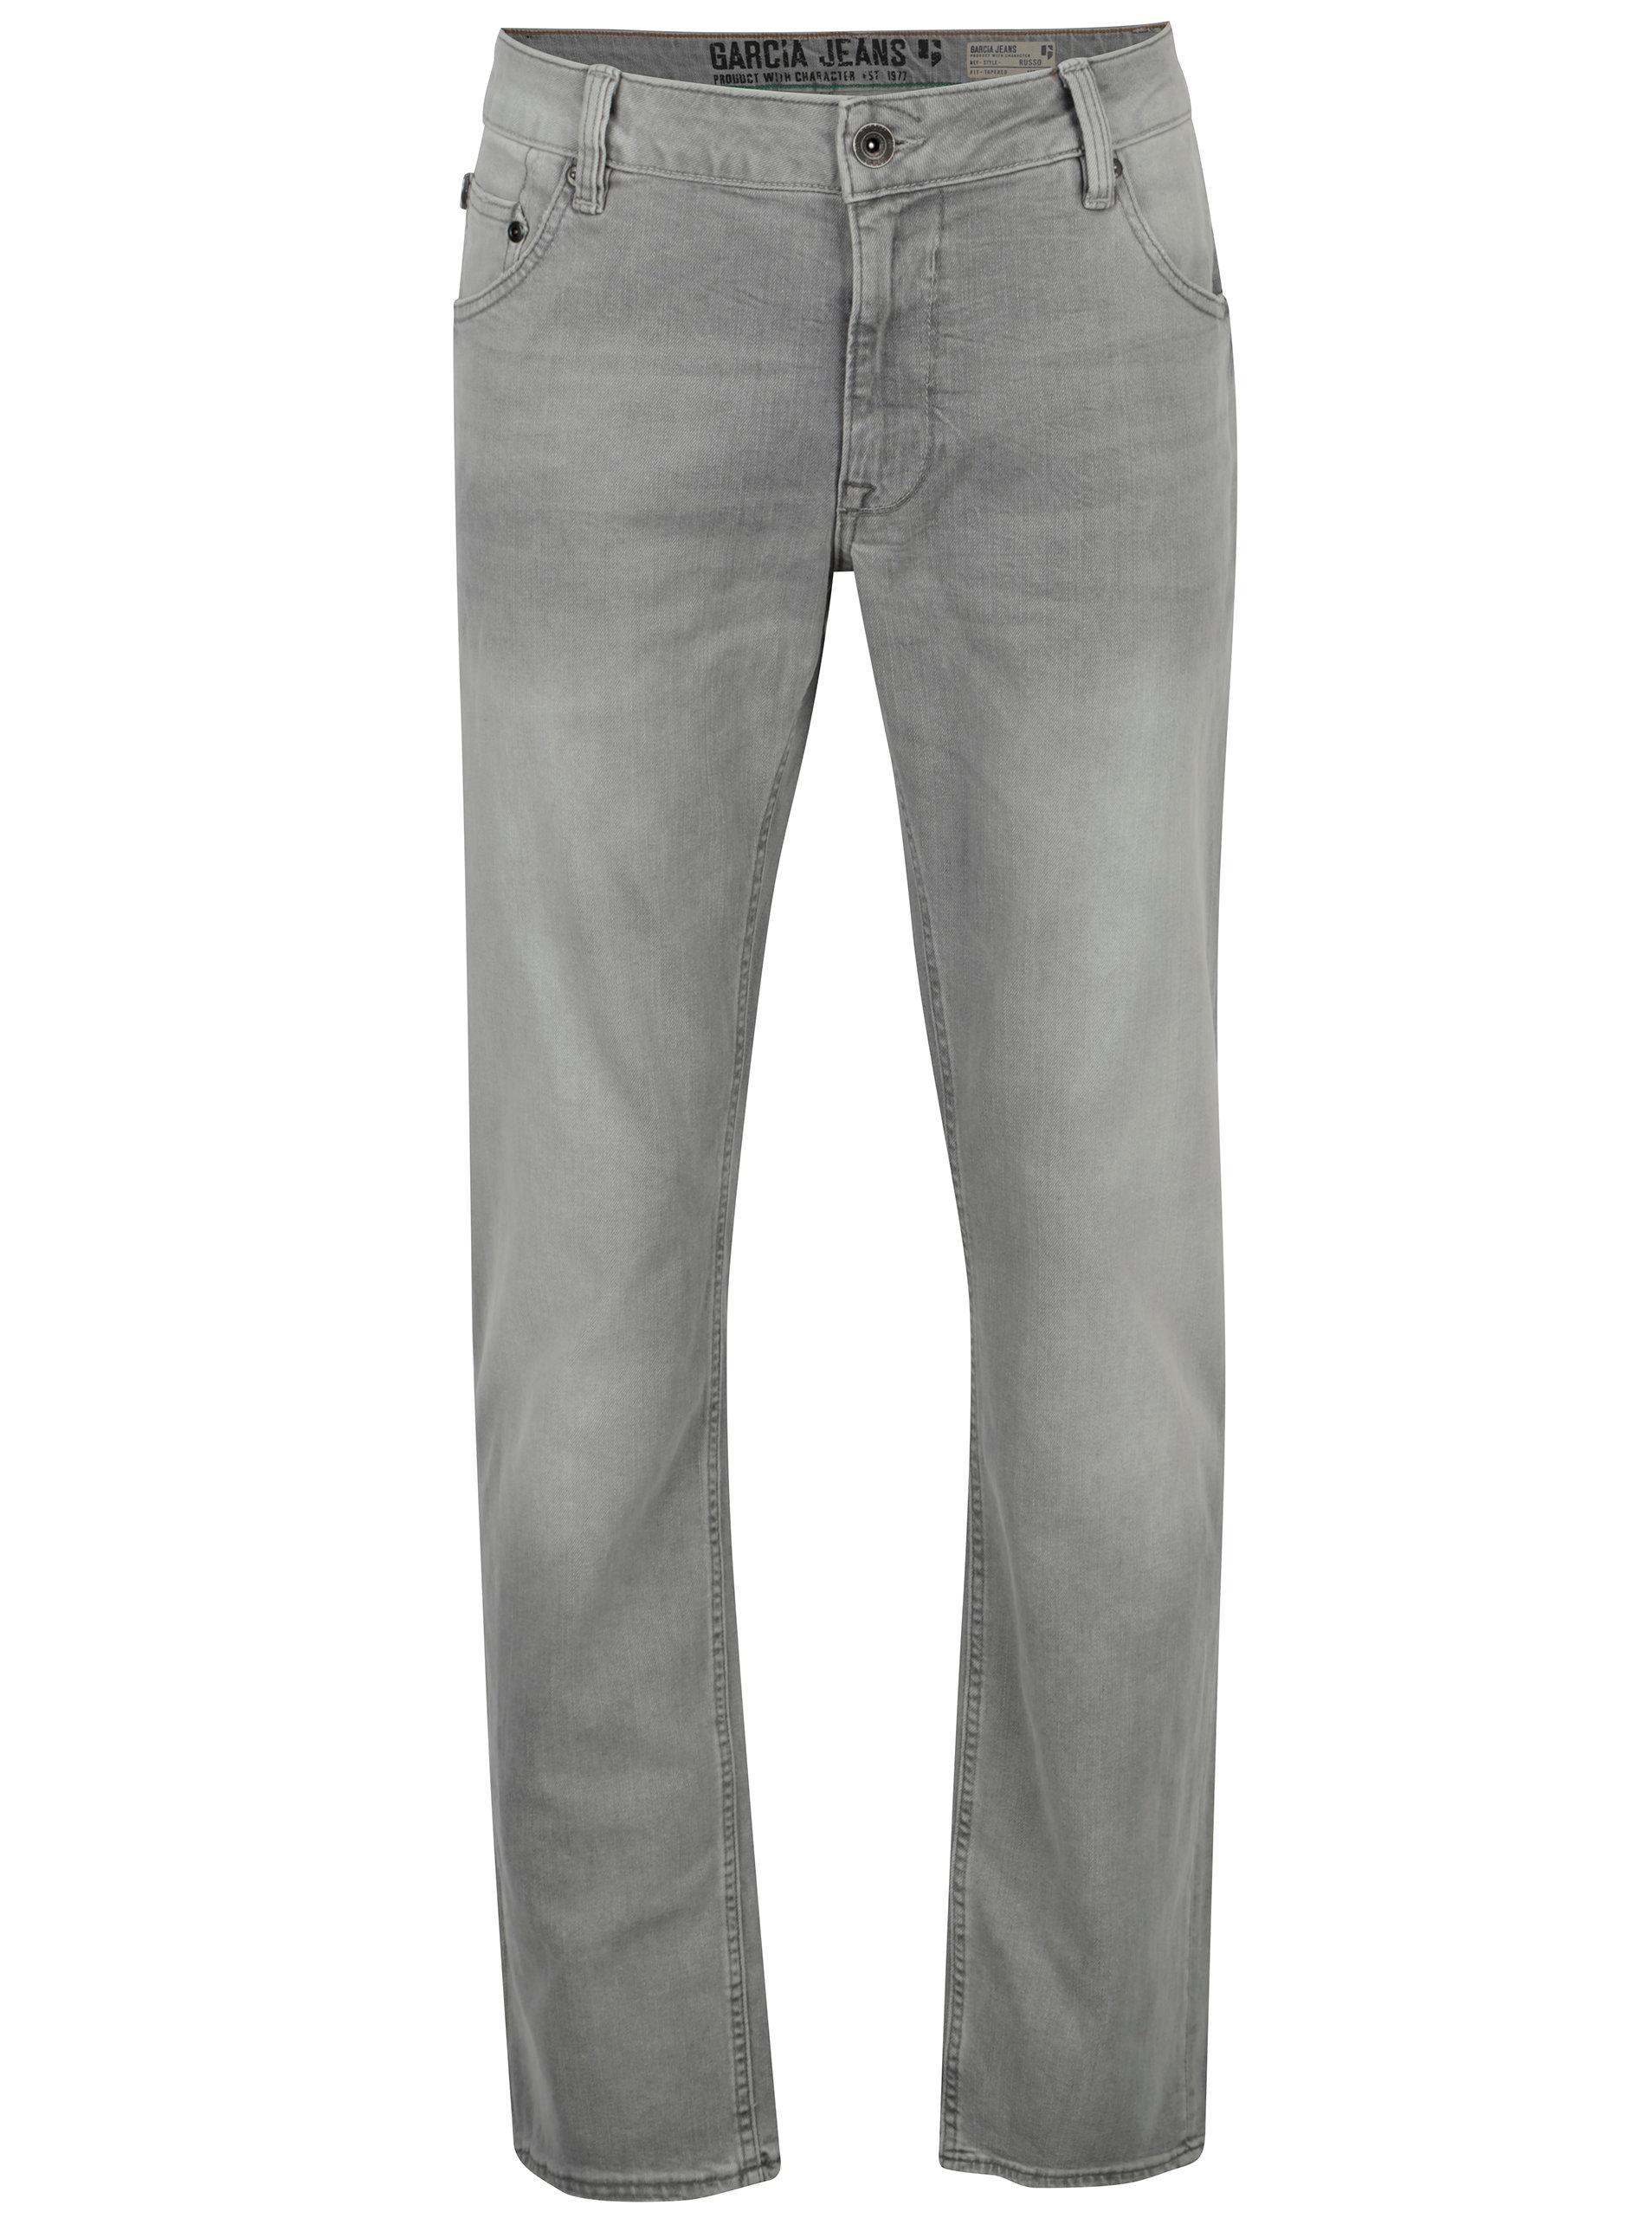 Šedé pánské regular fit džíny s vyšisovaným efektem Garcia Jeans Russo ... 95d9964fbe